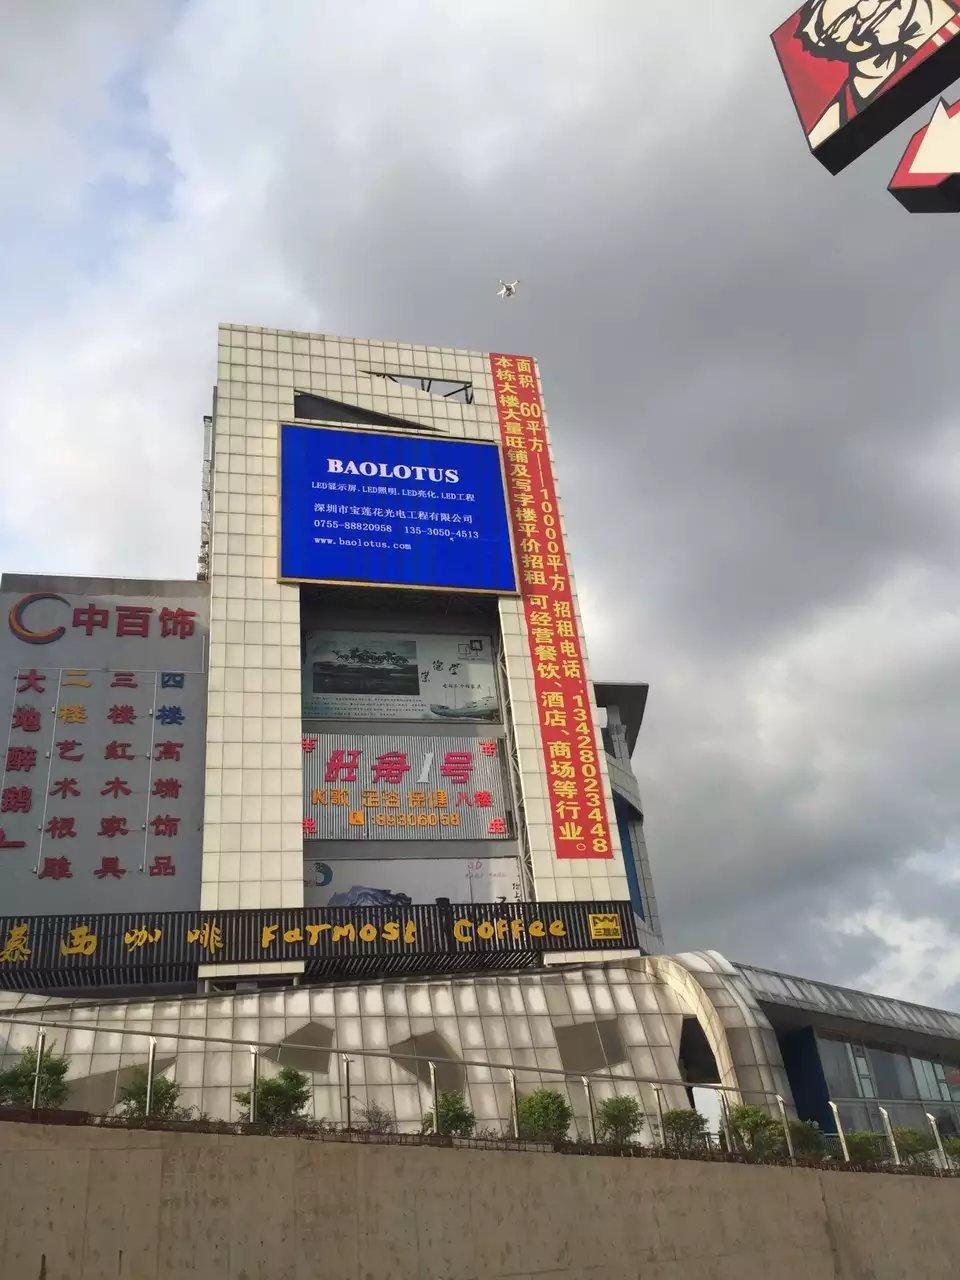 深圳市���花光�工程有限公司 LED�@示屏 LED照明工程  LED亮化工程       工